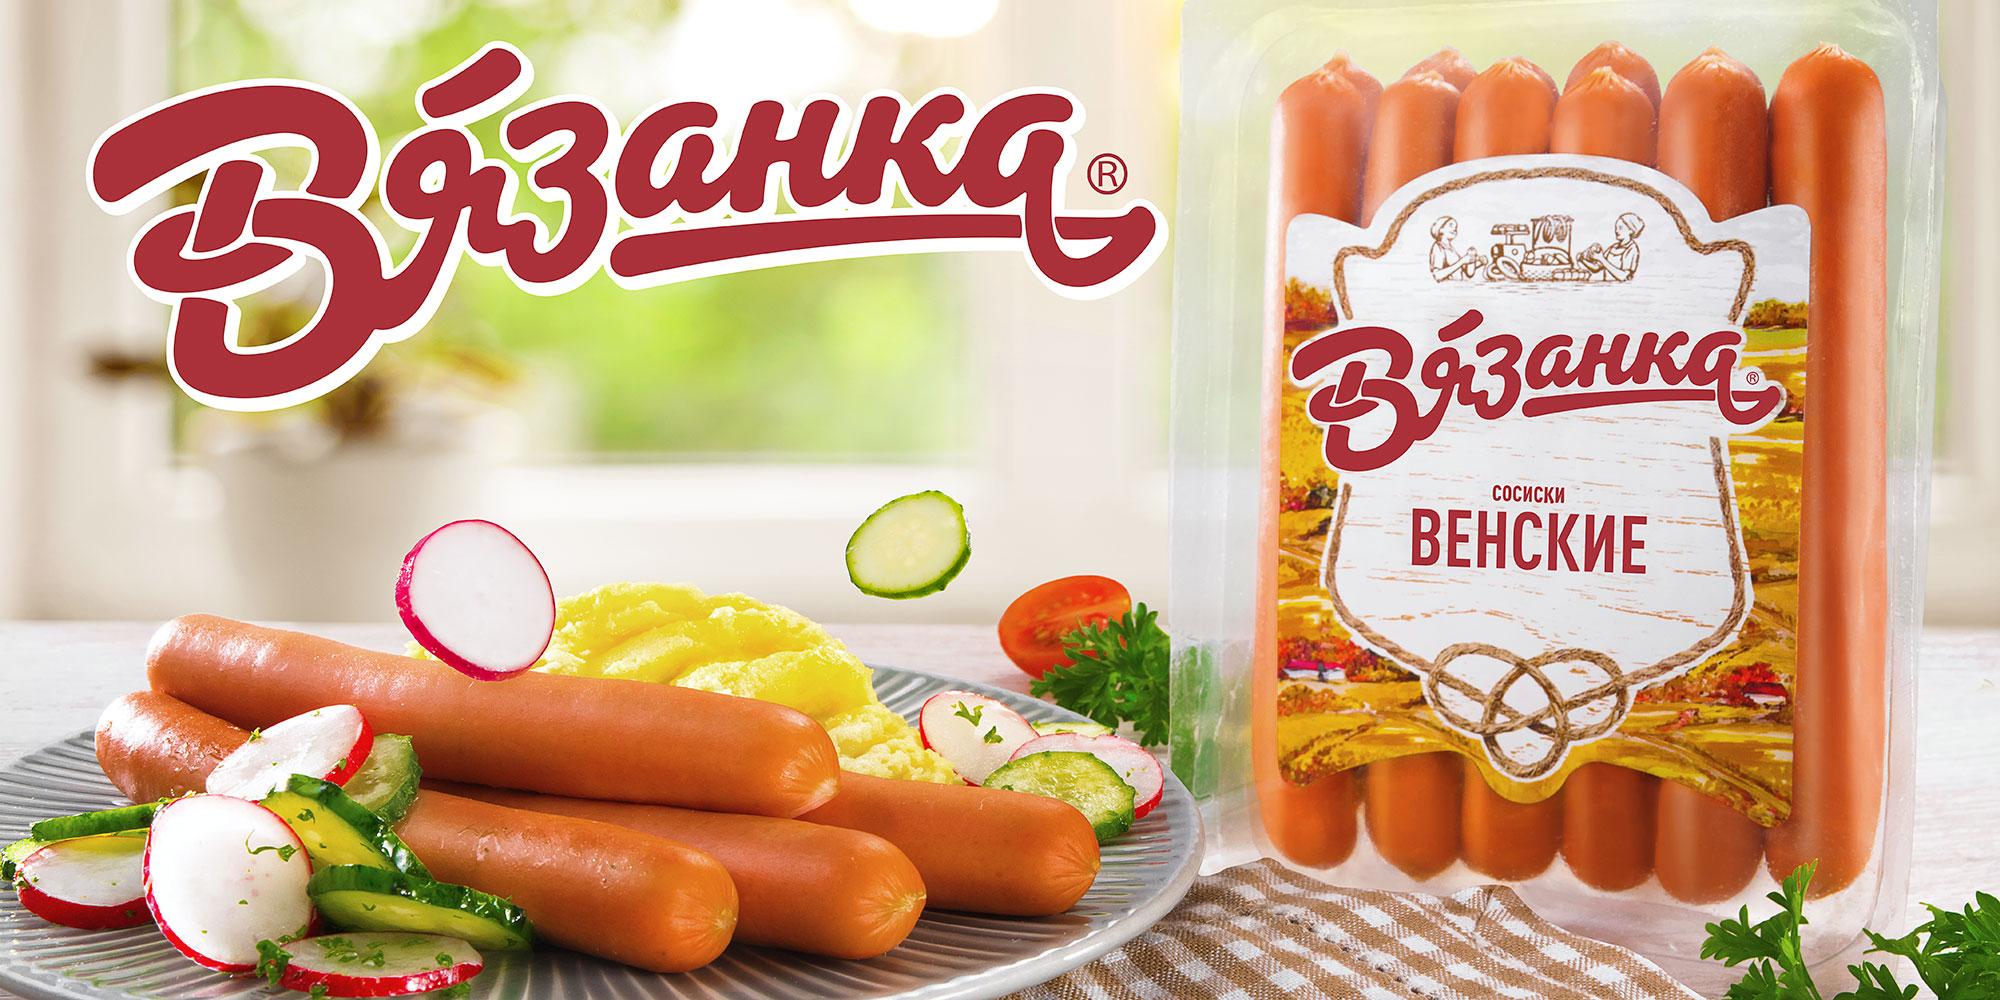 kv3_3x6_Vyazanka_Venskie_v3